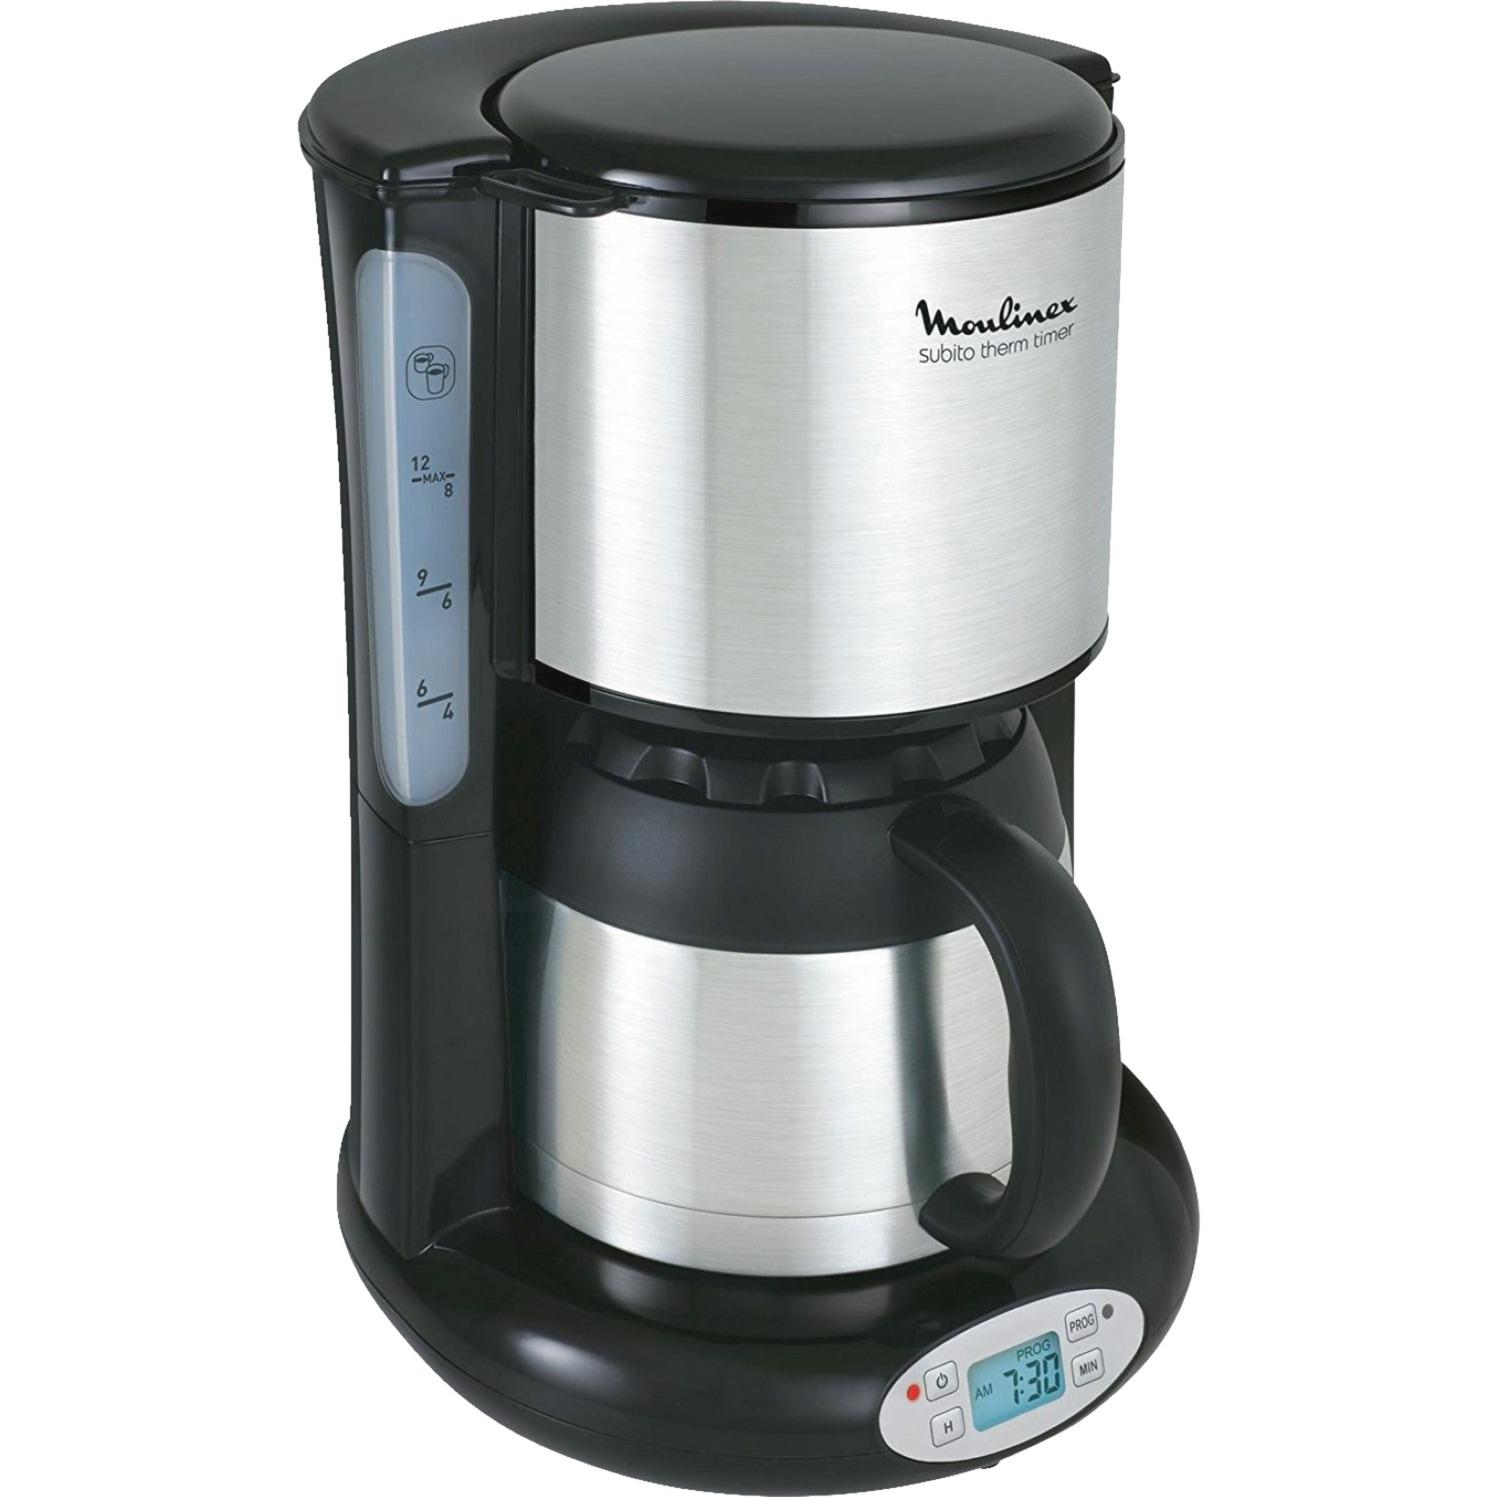 FT 362811 Independiente Totalmente automática Cafetera de filtro 0.9L 12tazas Negro, Acero inoxidable